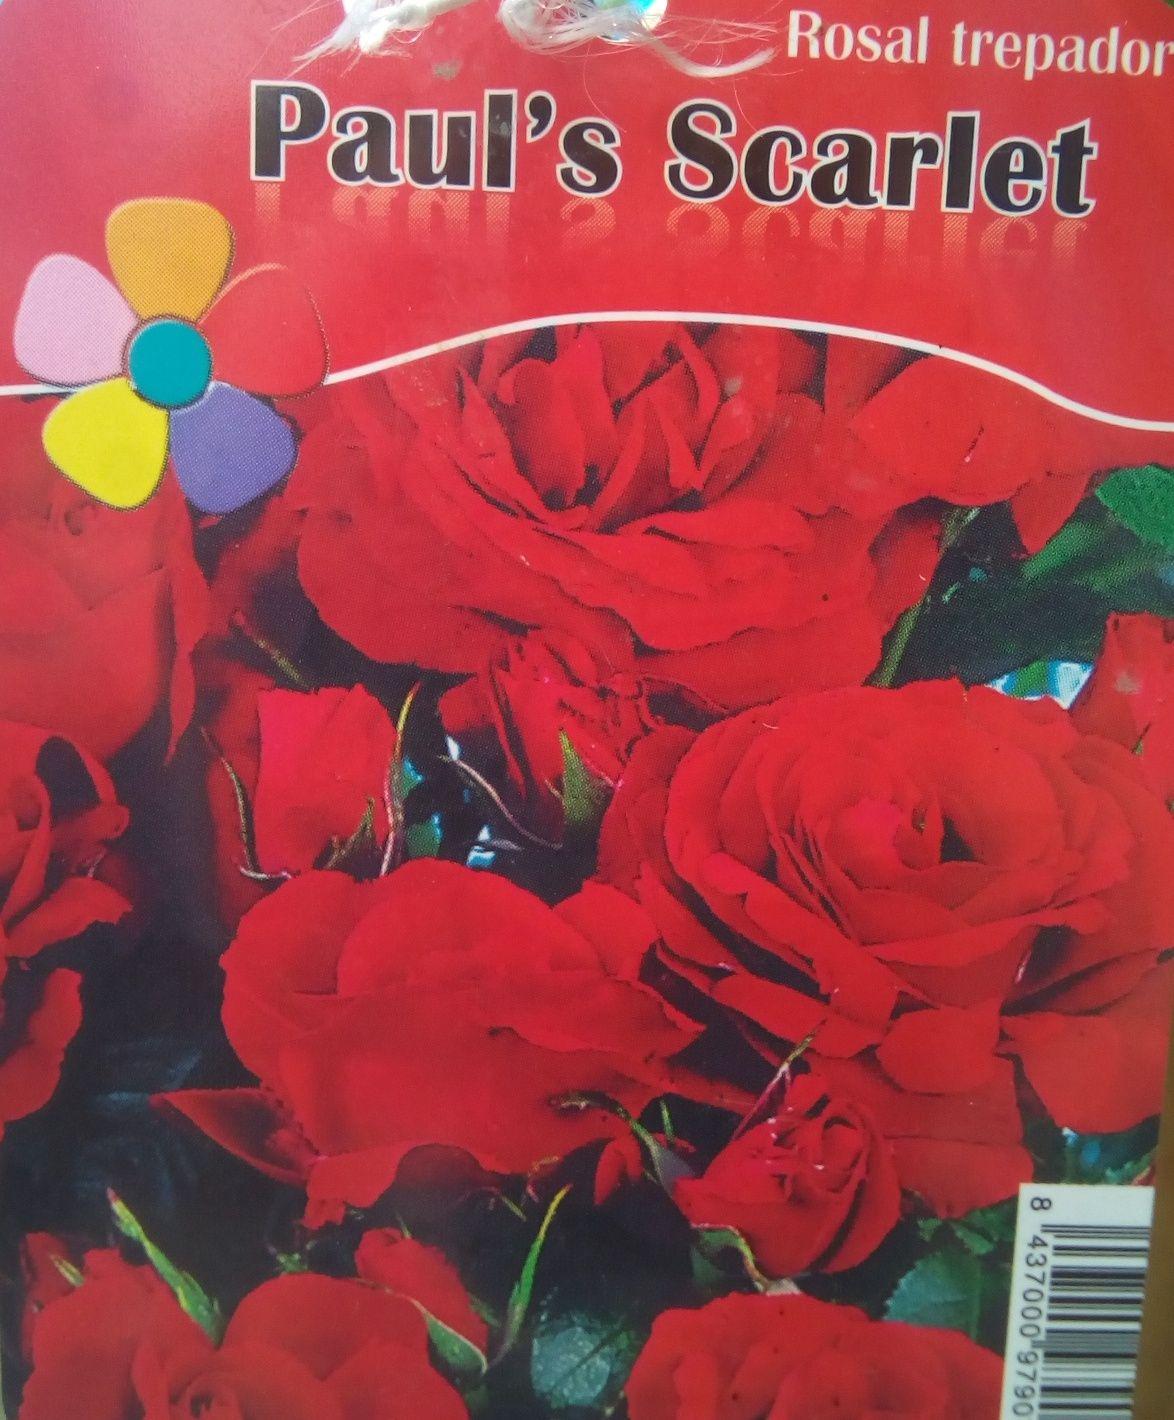 Rosal Trepador Paul's Scarlet (Rojo)